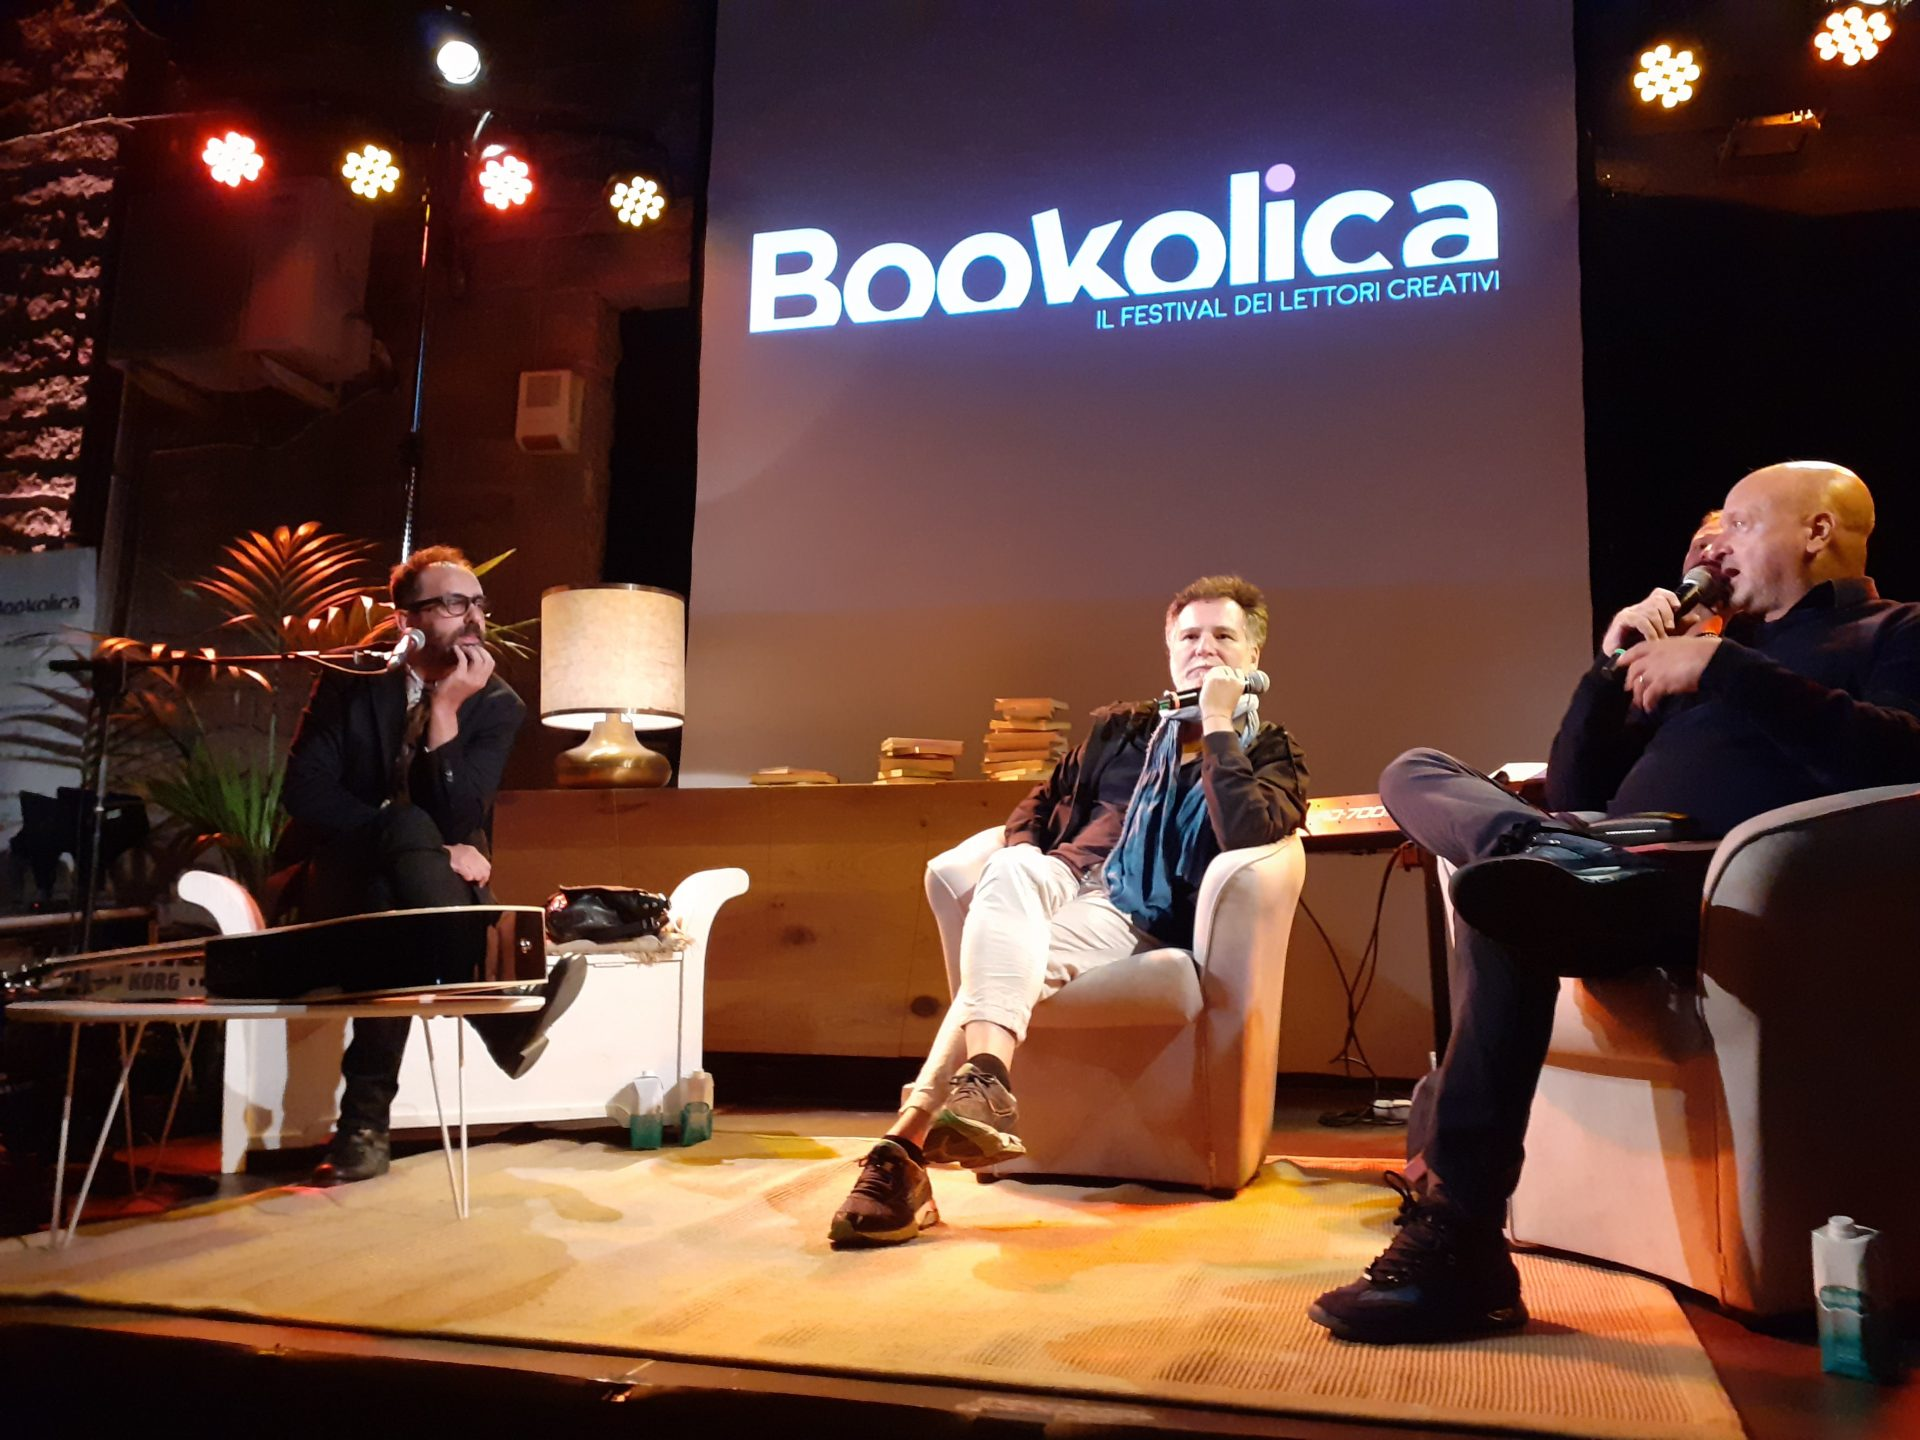 Tempio saluta oggi Bookolica, il Festival dei lettori creativi (ma non solo)